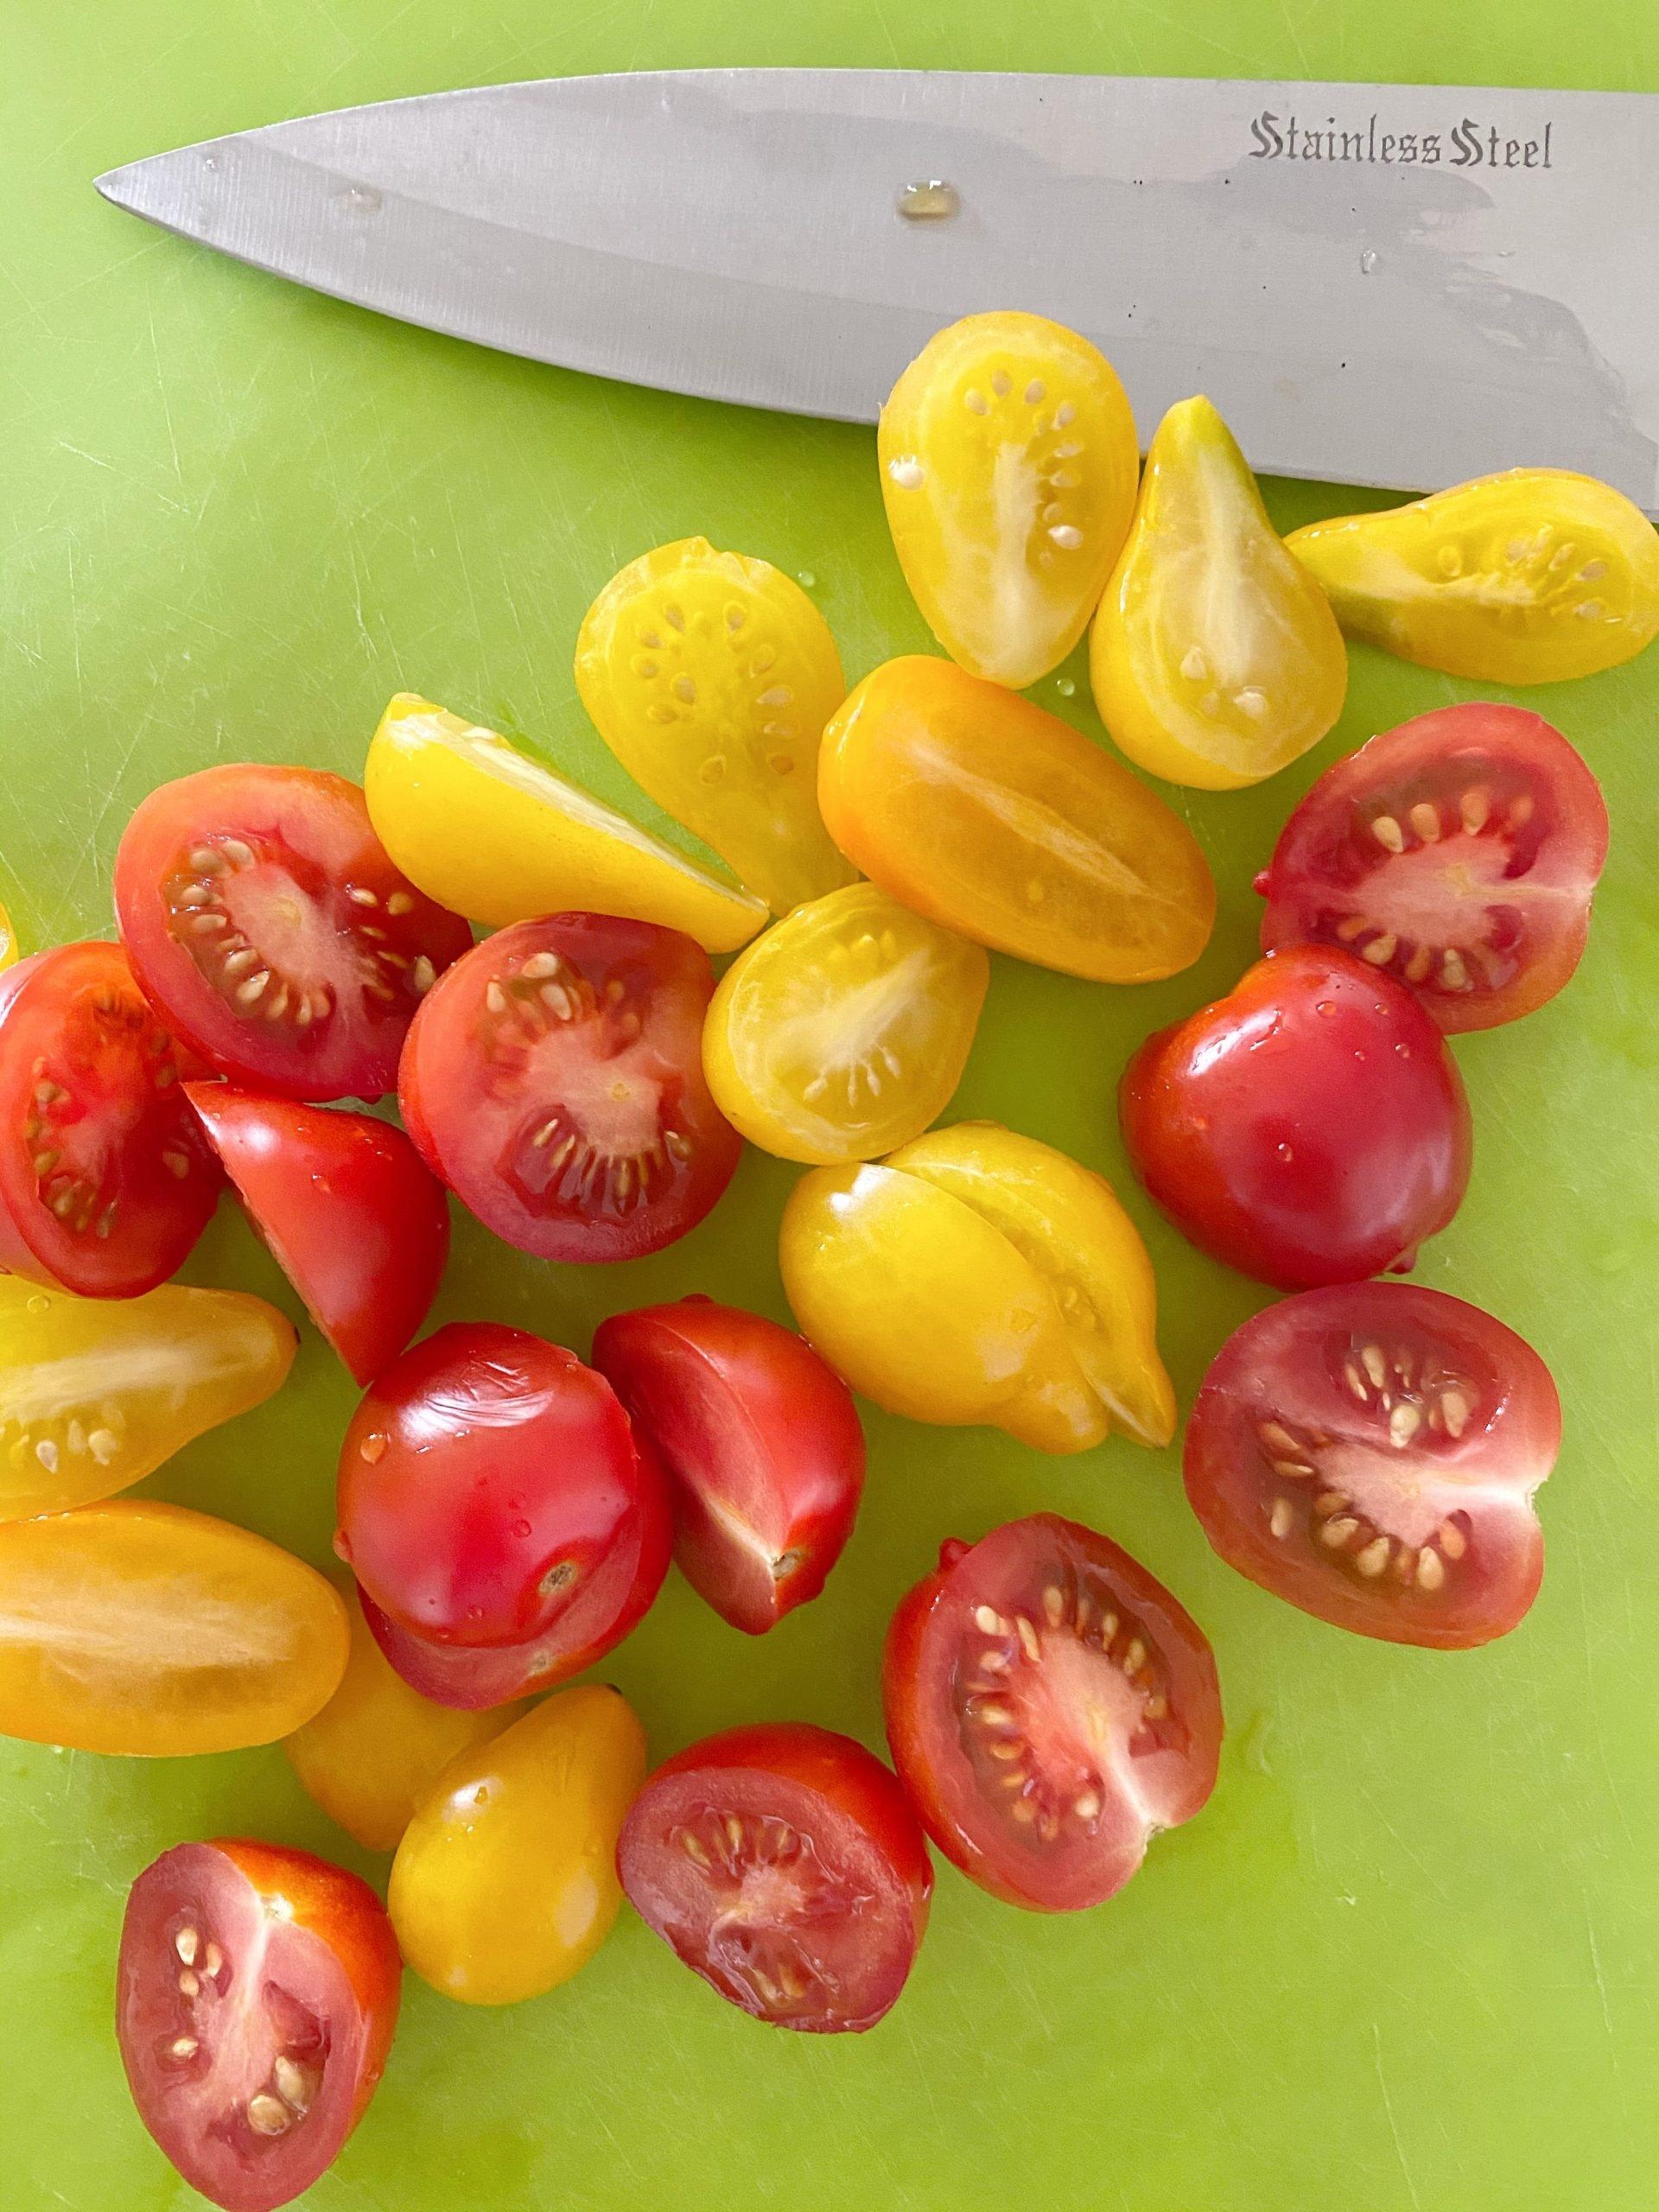 halving cherry tomatoes